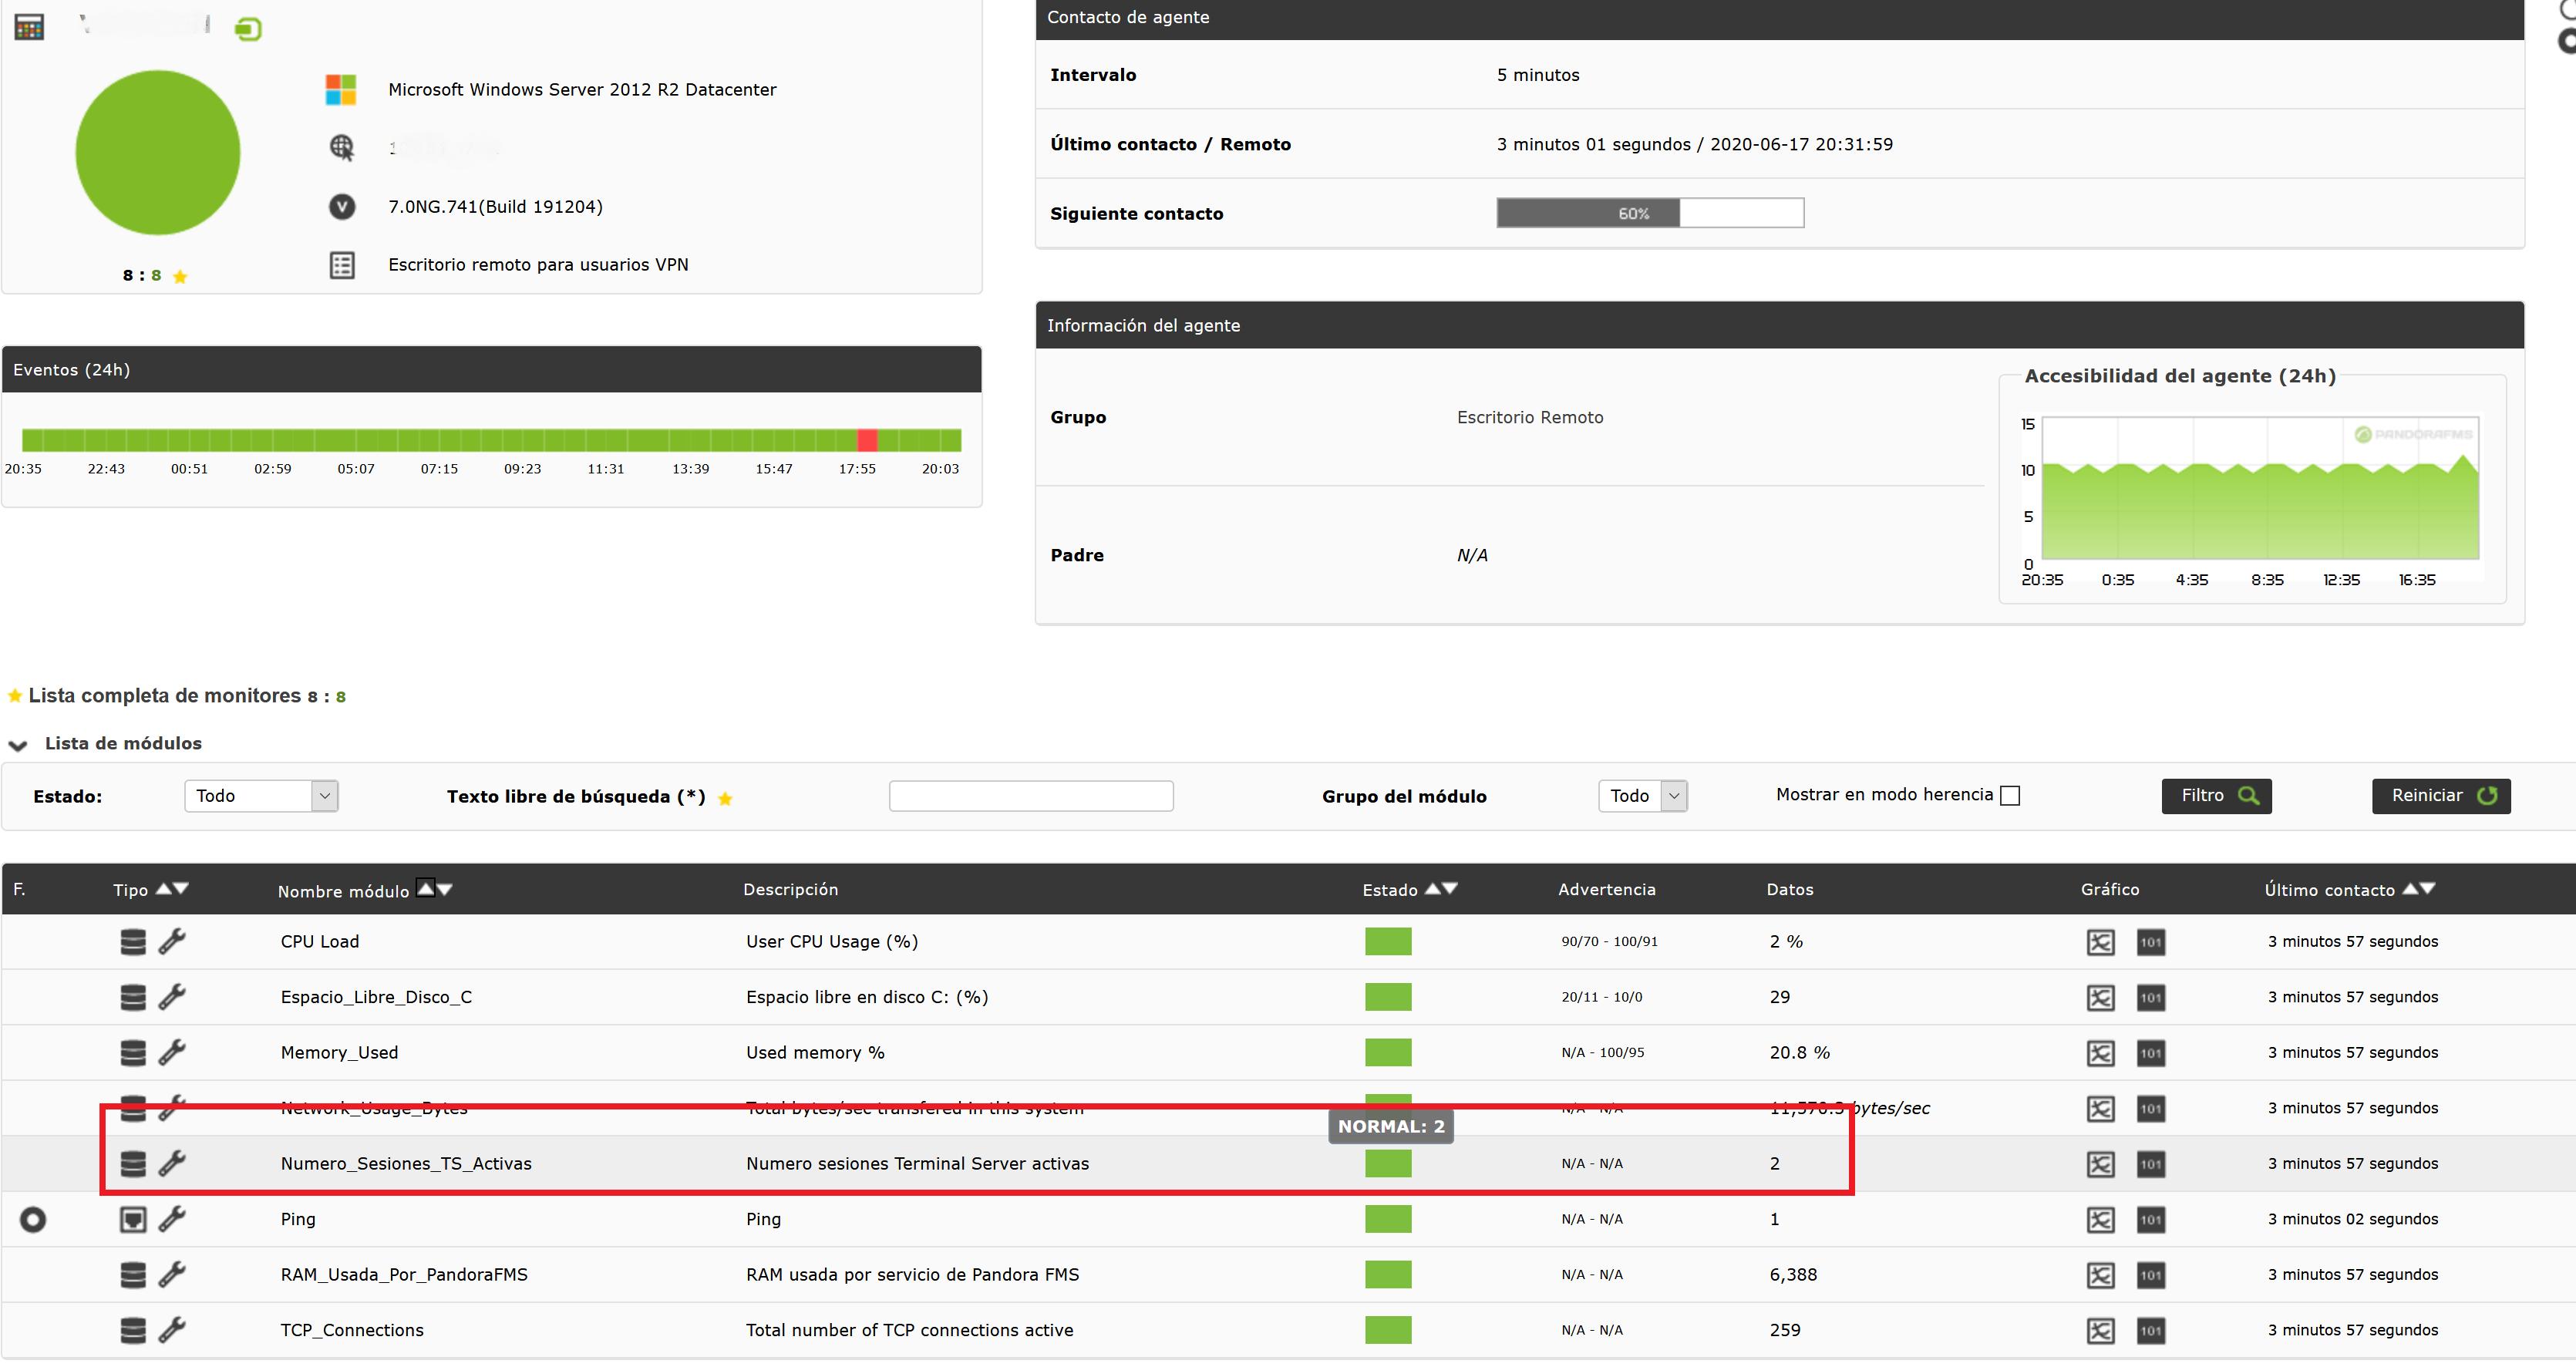 Monitorizar número de sesiones activas de Terminal Server Escritorio Remoto de un servidor Windows con Pandora FMS